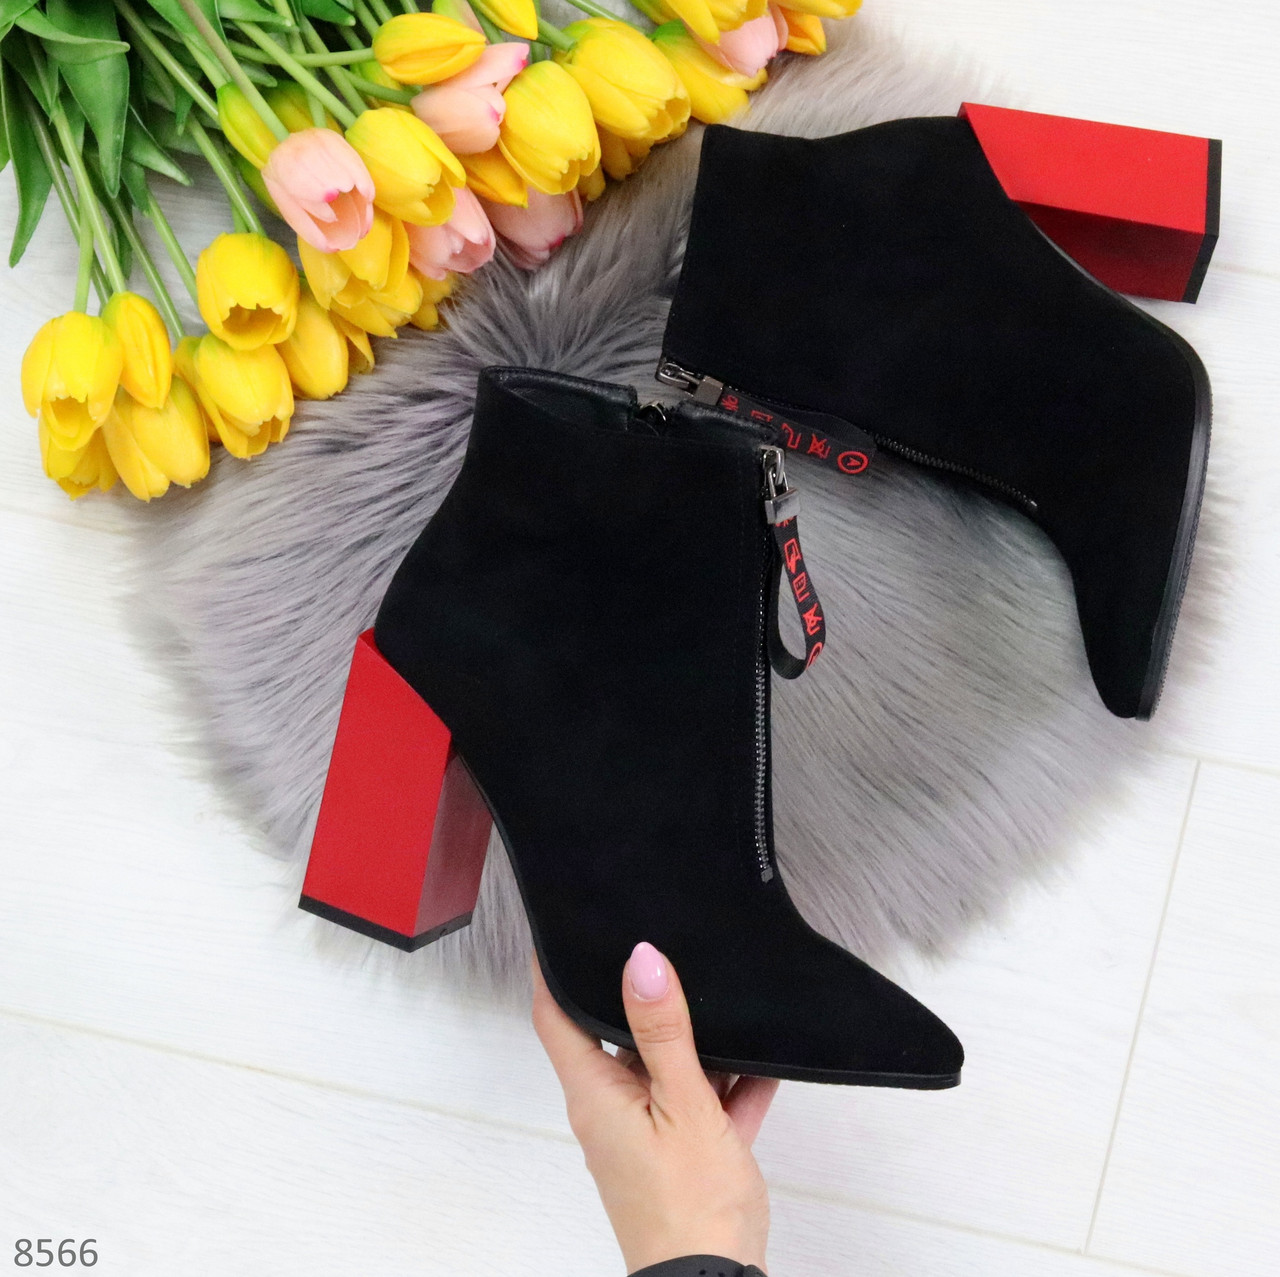 Дизайнерские женственные черные ботинки ботильоны на фигурном ярком каблуке